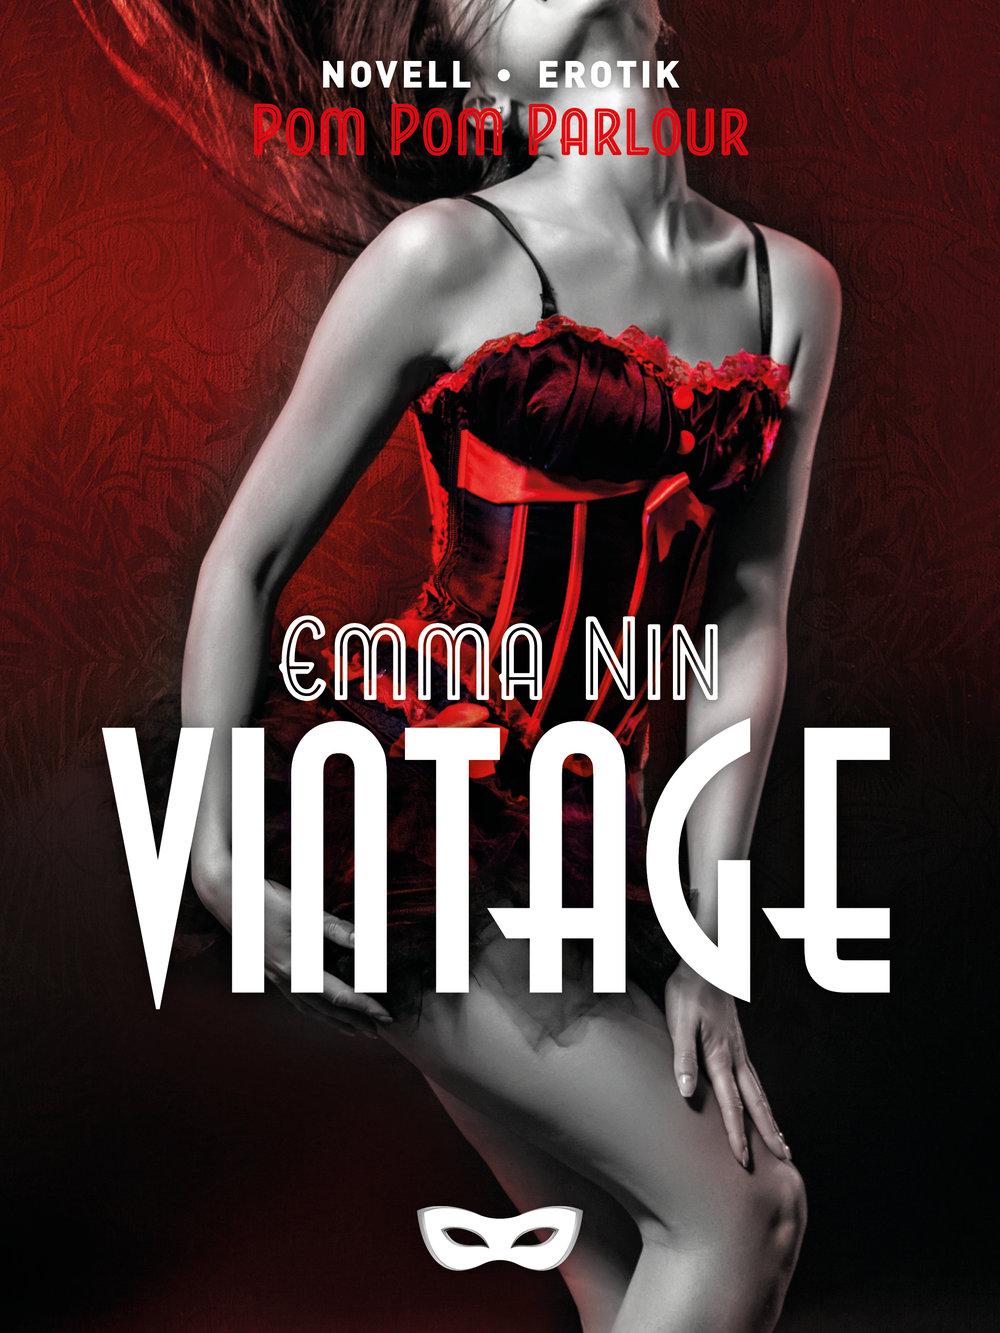 VINTAGE-n_Vintage_Emma Nin.jpg